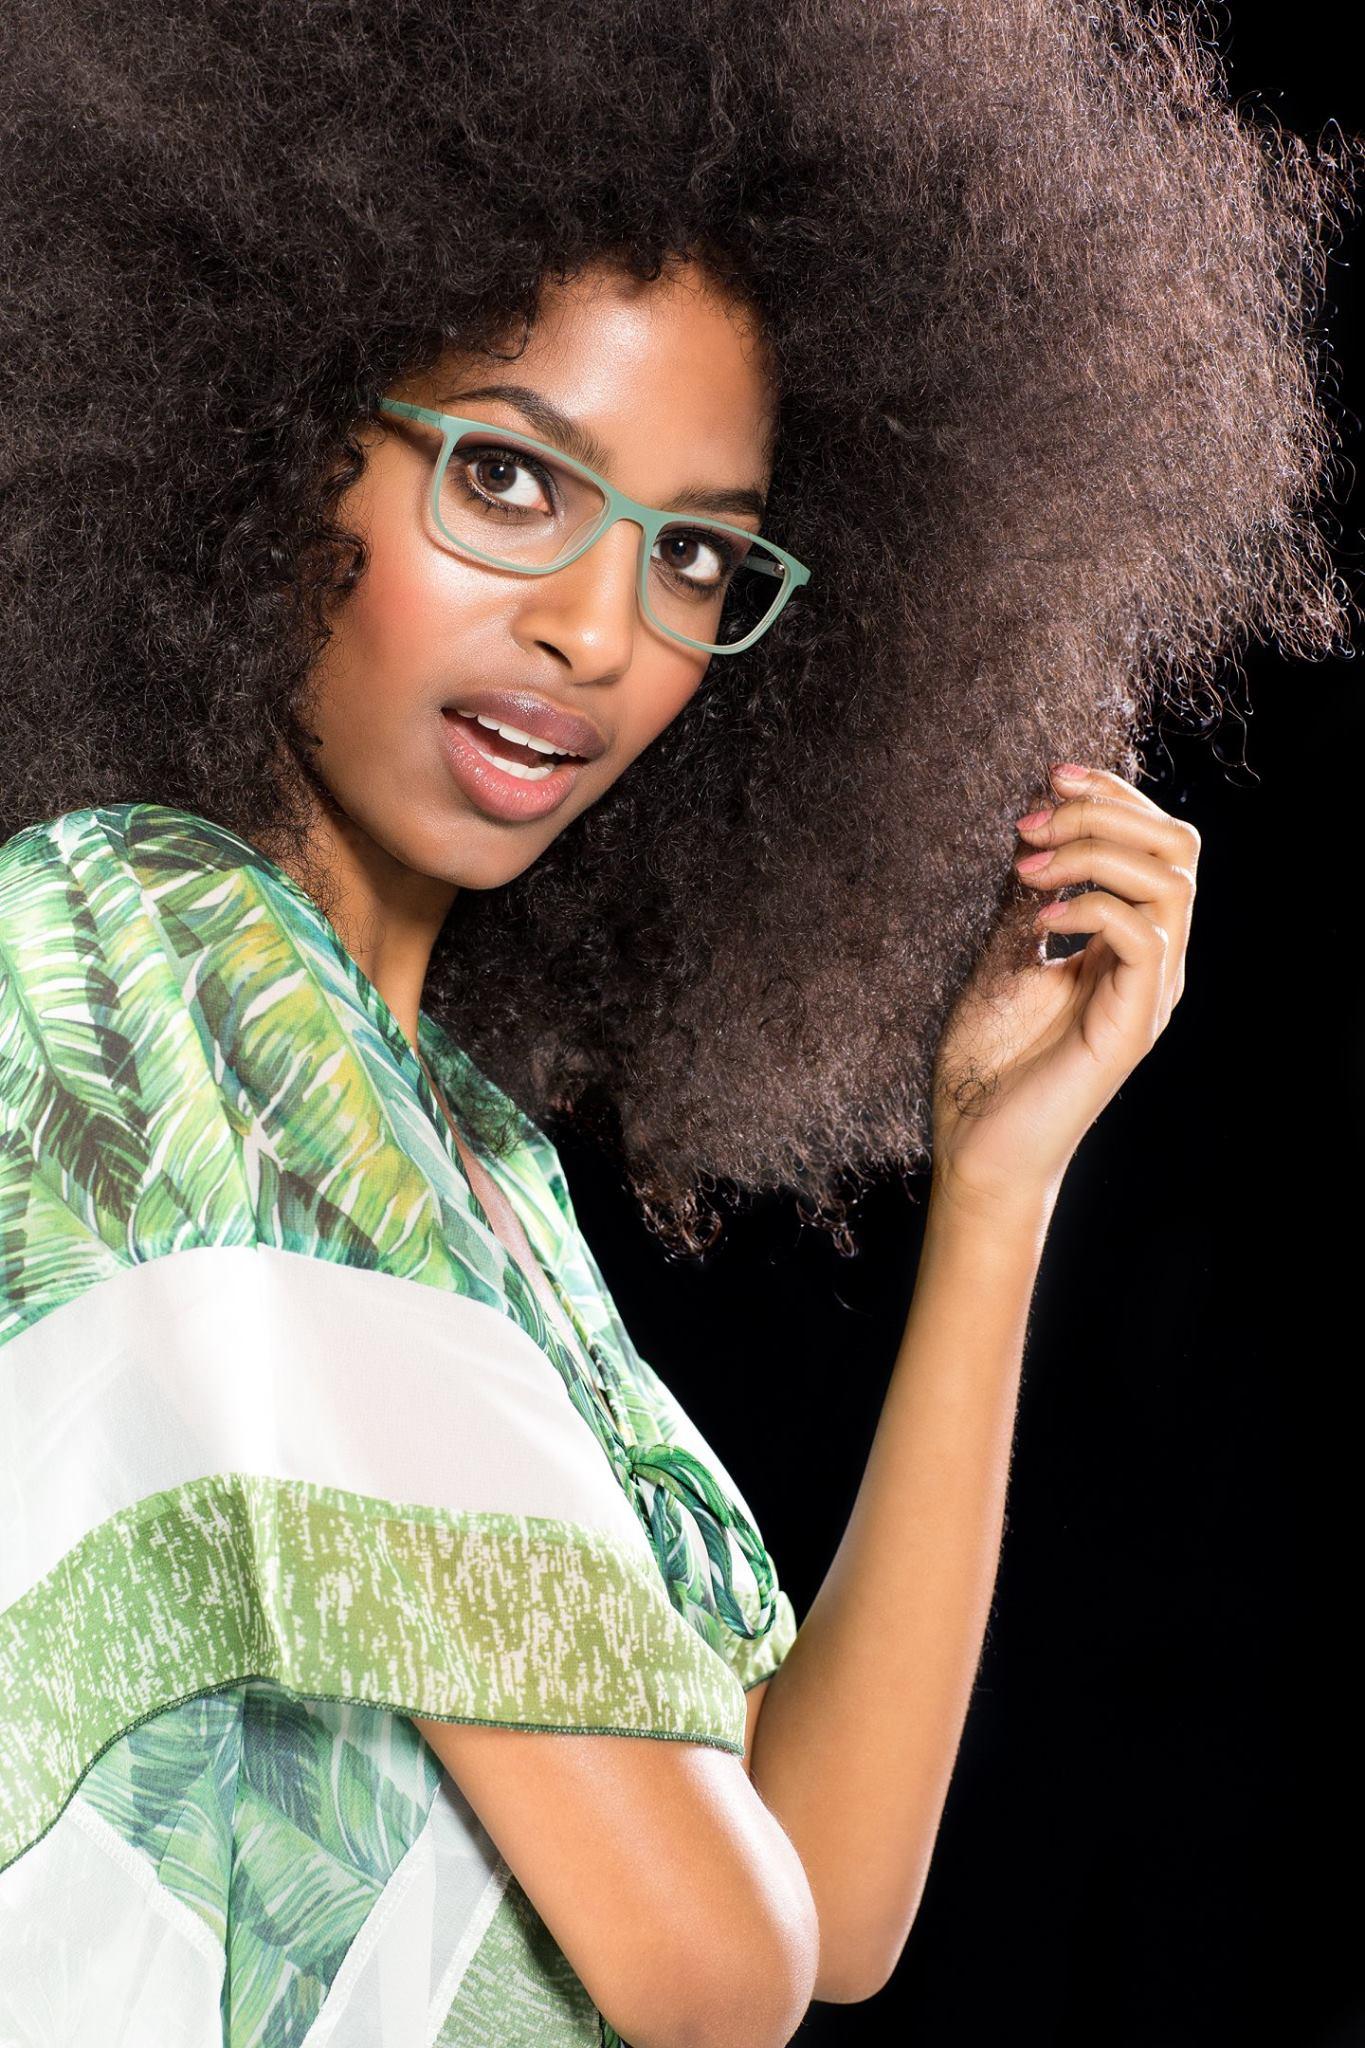 IMAGO Colorline Michael Dengler Luna Elisa Federowicz Visagistin Hair & Make-up Artist